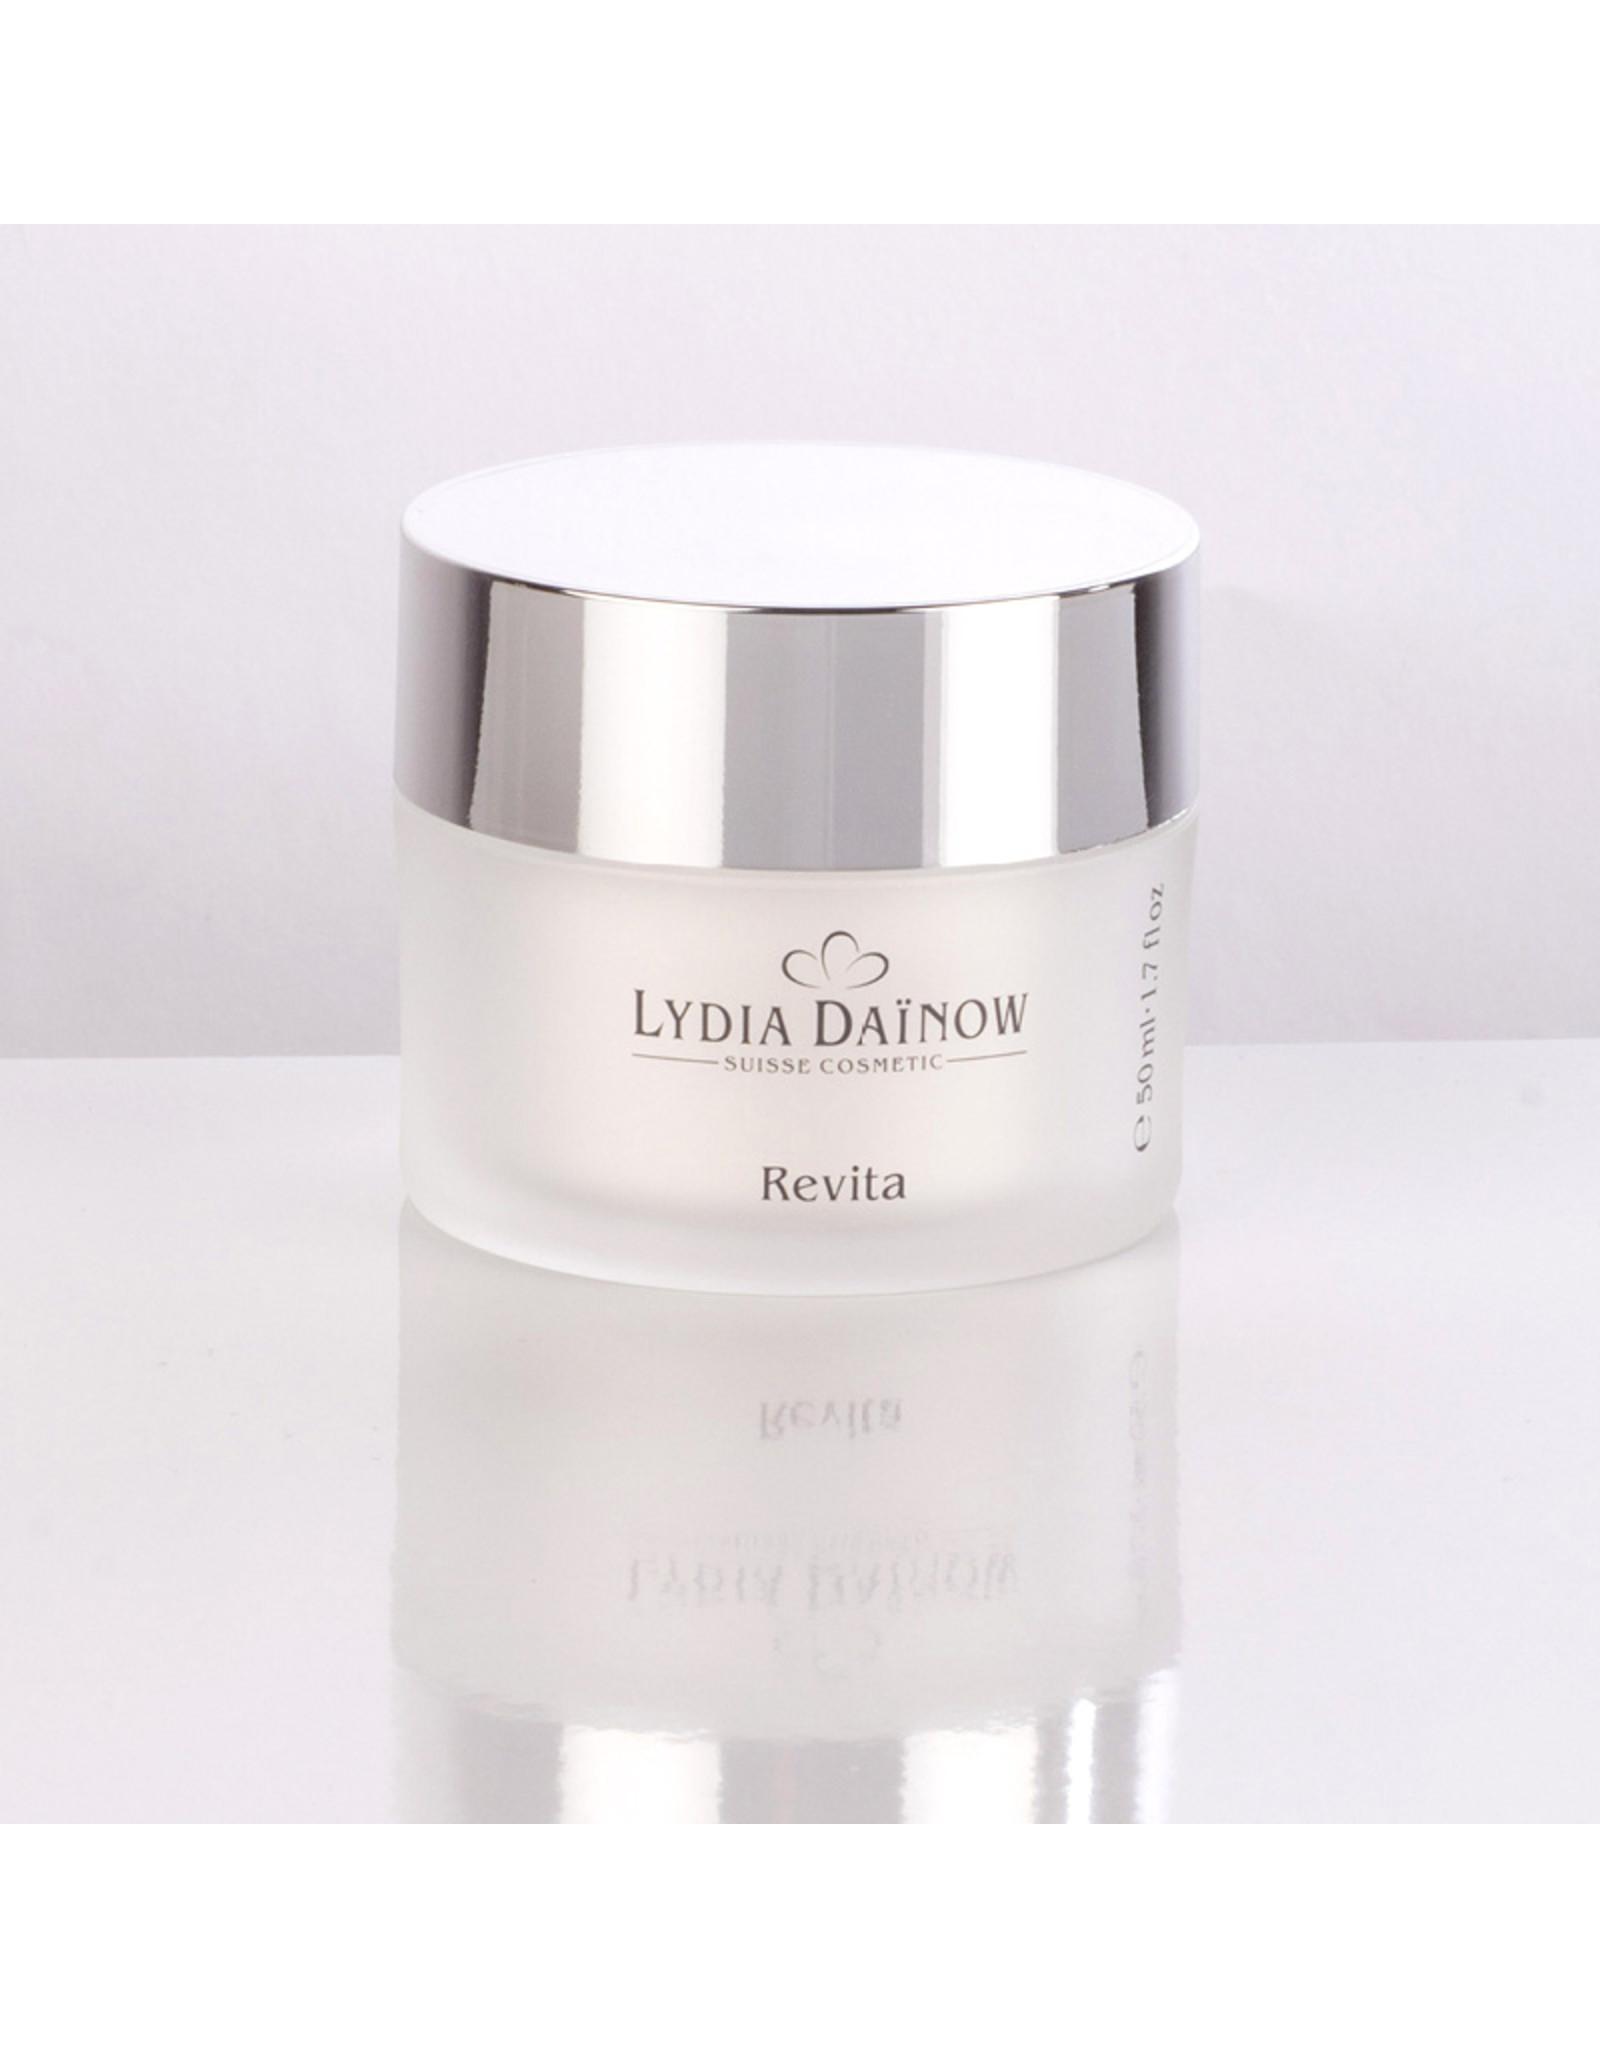 Lydïa Dainow Revita Cream - Anti-aging cream with Q10